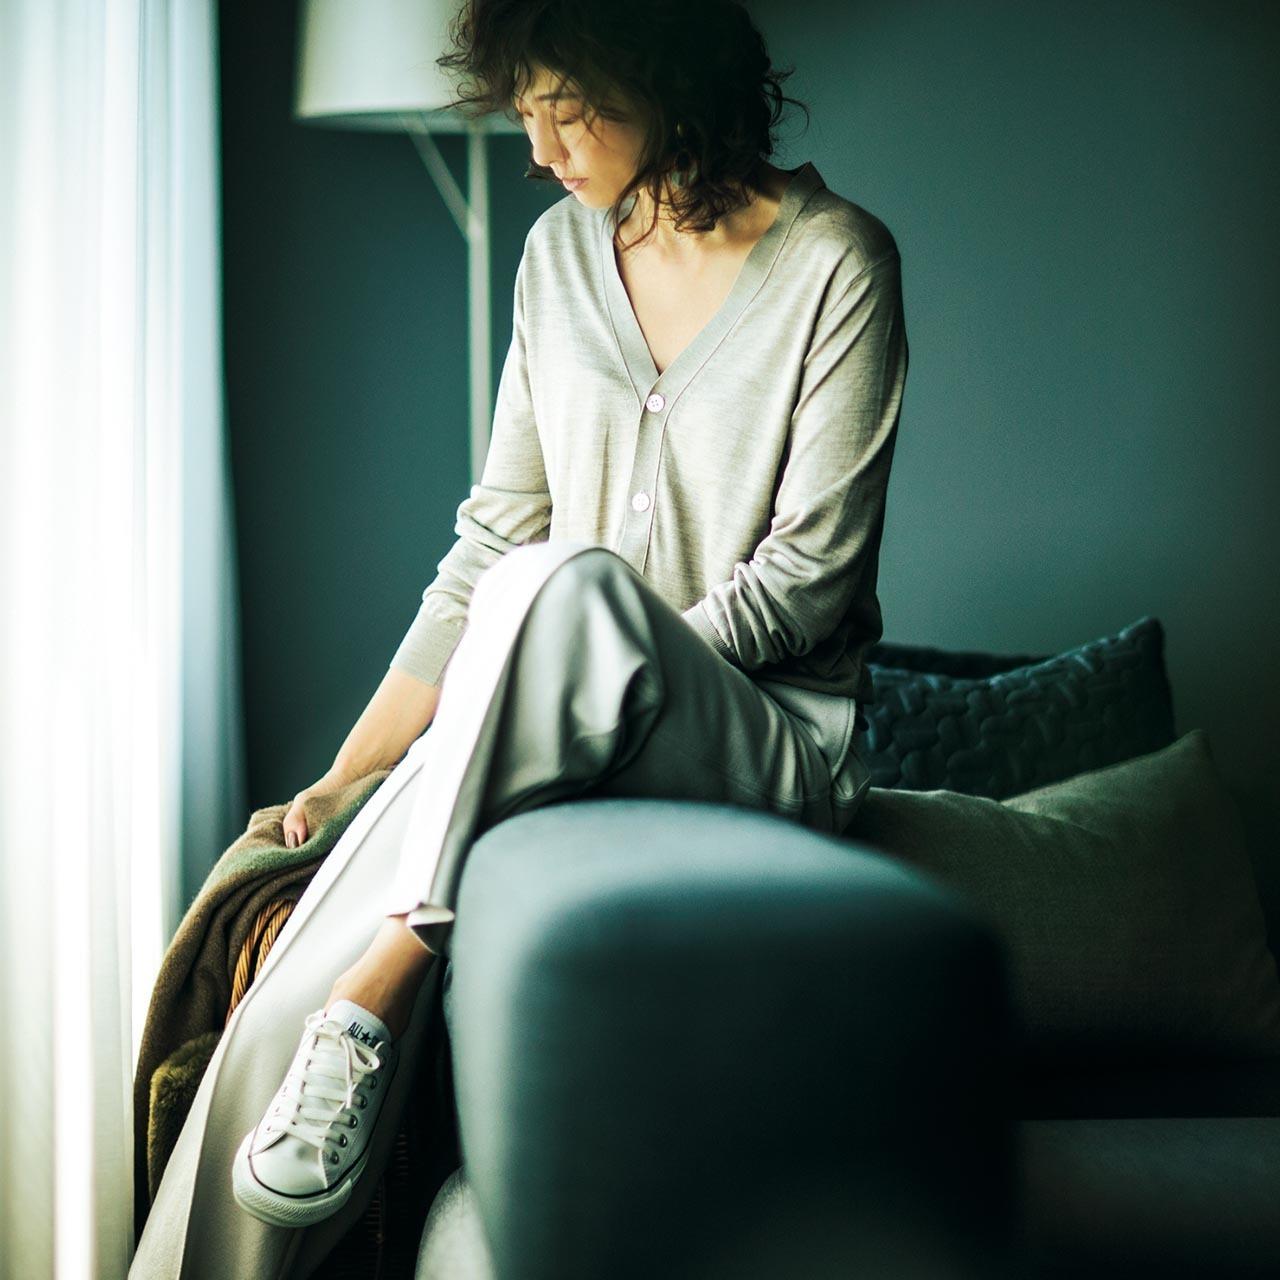 ベージュのカーディガン×太めパンツ&スニーカーのファッションコーデ